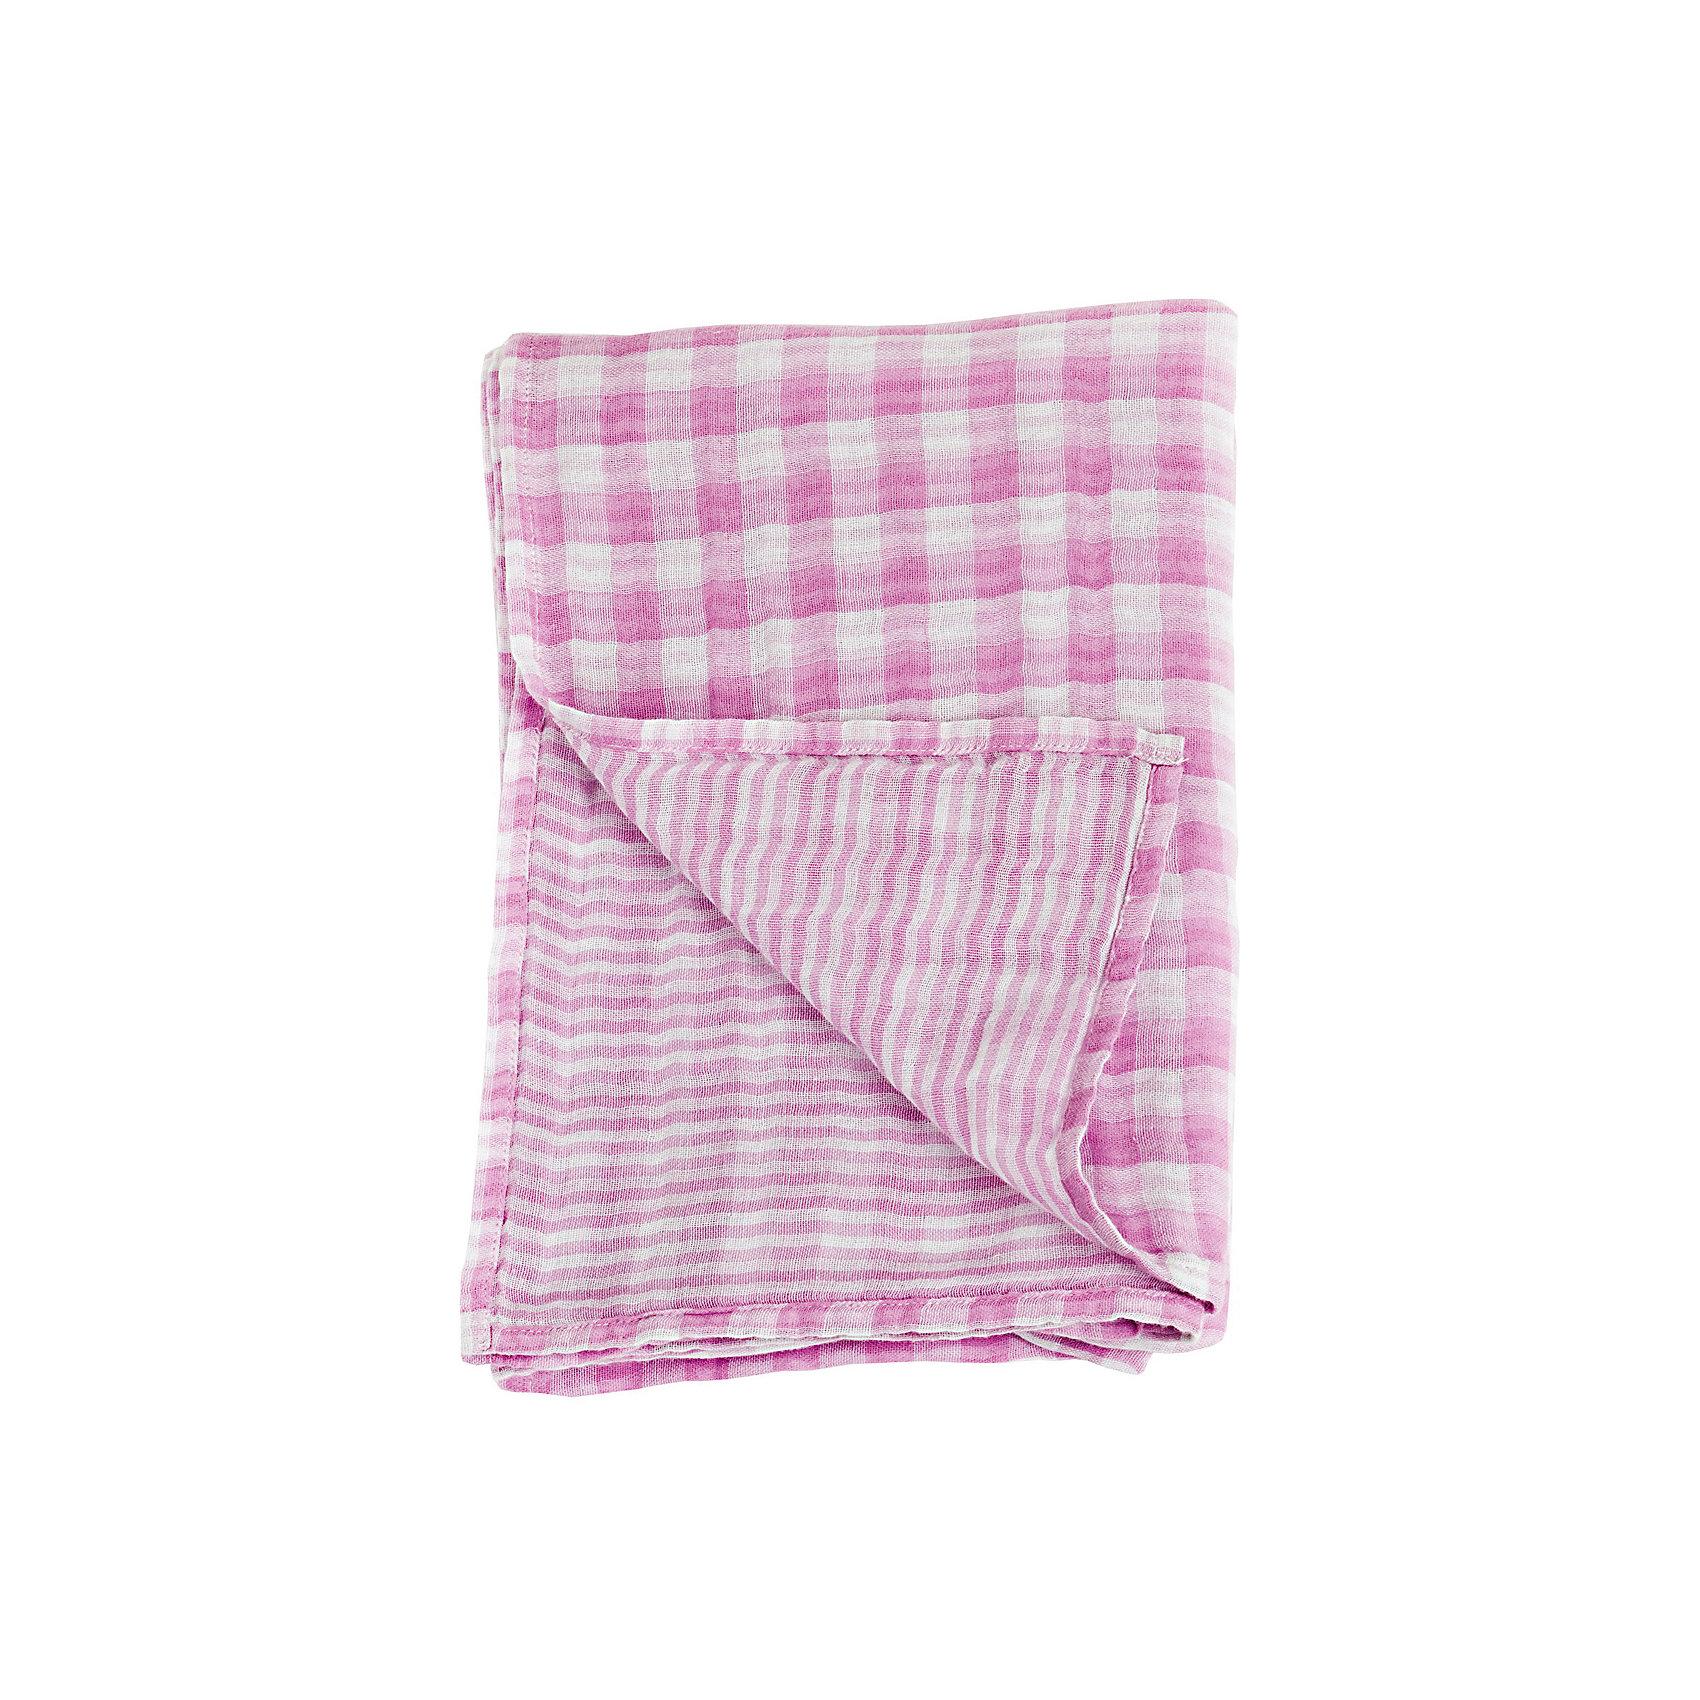 Муслиновая пелёнка двусторонняя 120х120, Lulujo, Passion PinkВсе для пеленания<br>Муслиновая пелёнка двусторонняя 120х120, Lulujo, Passion Pink это двухсторонние мягкие пеленки большого размера предназначенные как для пеленания, так и покрывала или использования в качестве обычных простыней. Приятные розовые клетка и полоски на нейтральном белом фоне помогут создать атмосферу уюта в комнате малыша. Хлопковый муслин обеспечит малышу комфорт и тепло, материал отлично пропускает вохдух, с этой тканью кожа ребенка дышит.<br>Дополнительная информация:<br><br>- В комплект входит: 1 пеленка<br>- Тип ткани: Муслин<br>- Состав: 100% хлопок <br>- Размер: 120 * 120 см. <br>- Cтирка: машинная, 40 градусов<br><br>Муслиновую пелёнку двустороннюю 120х120, Lulujo, Passion Pink можно купить в нашем интернет-магазине.<br>Подробнее:<br>• Для детей в возрасте: от 0 лет<br>• Номер товара: 4976064<br>Страна производитель: Турция<br><br>Ширина мм: 100<br>Глубина мм: 55<br>Высота мм: 240<br>Вес г: 188<br>Возраст от месяцев: 0<br>Возраст до месяцев: 36<br>Пол: Унисекс<br>Возраст: Детский<br>SKU: 4976064